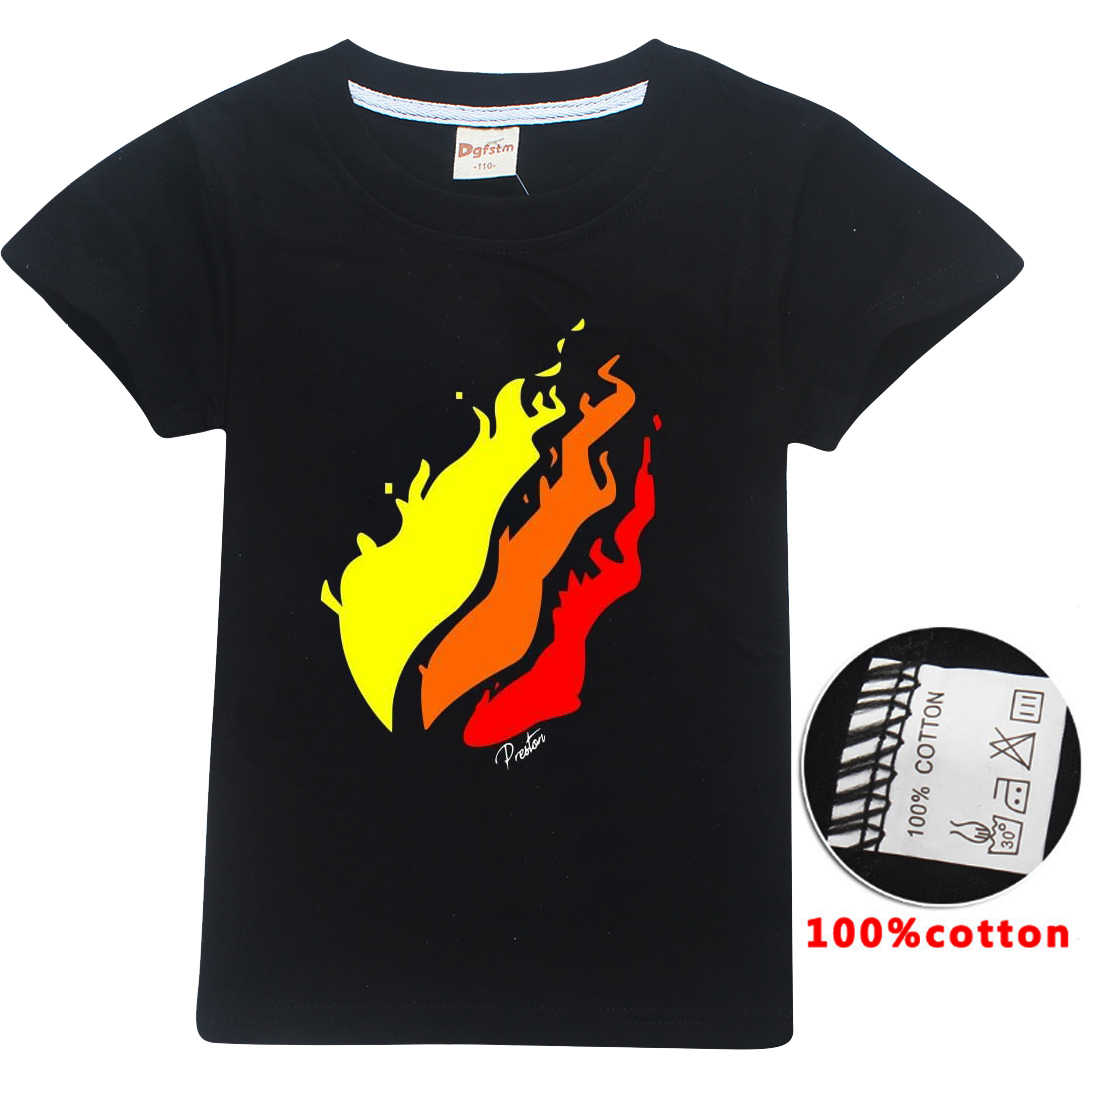 Летняя футболка для детей от 5 до 14 лет, для мальчиков и девочек, PRESTONPLAYZ, цветная, с 3d принтом, YOUTUBER Preston Playz, 2019, топы, детская одежда